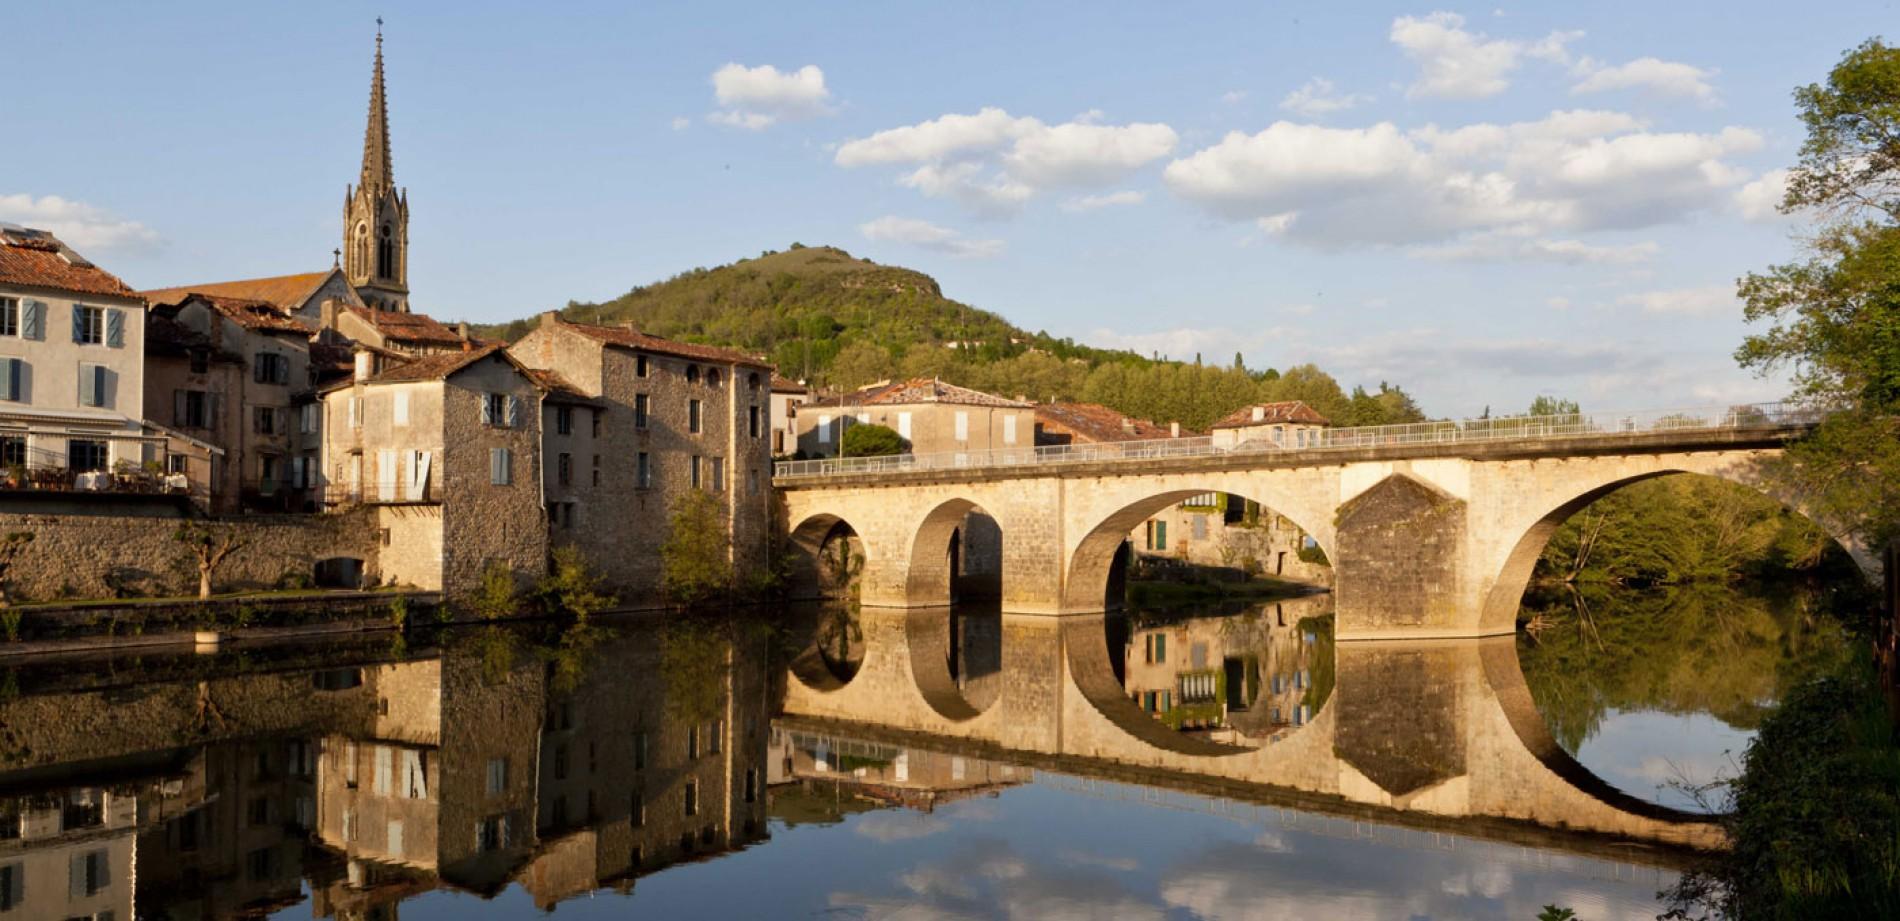 Location de canoë sur l'Aveyron